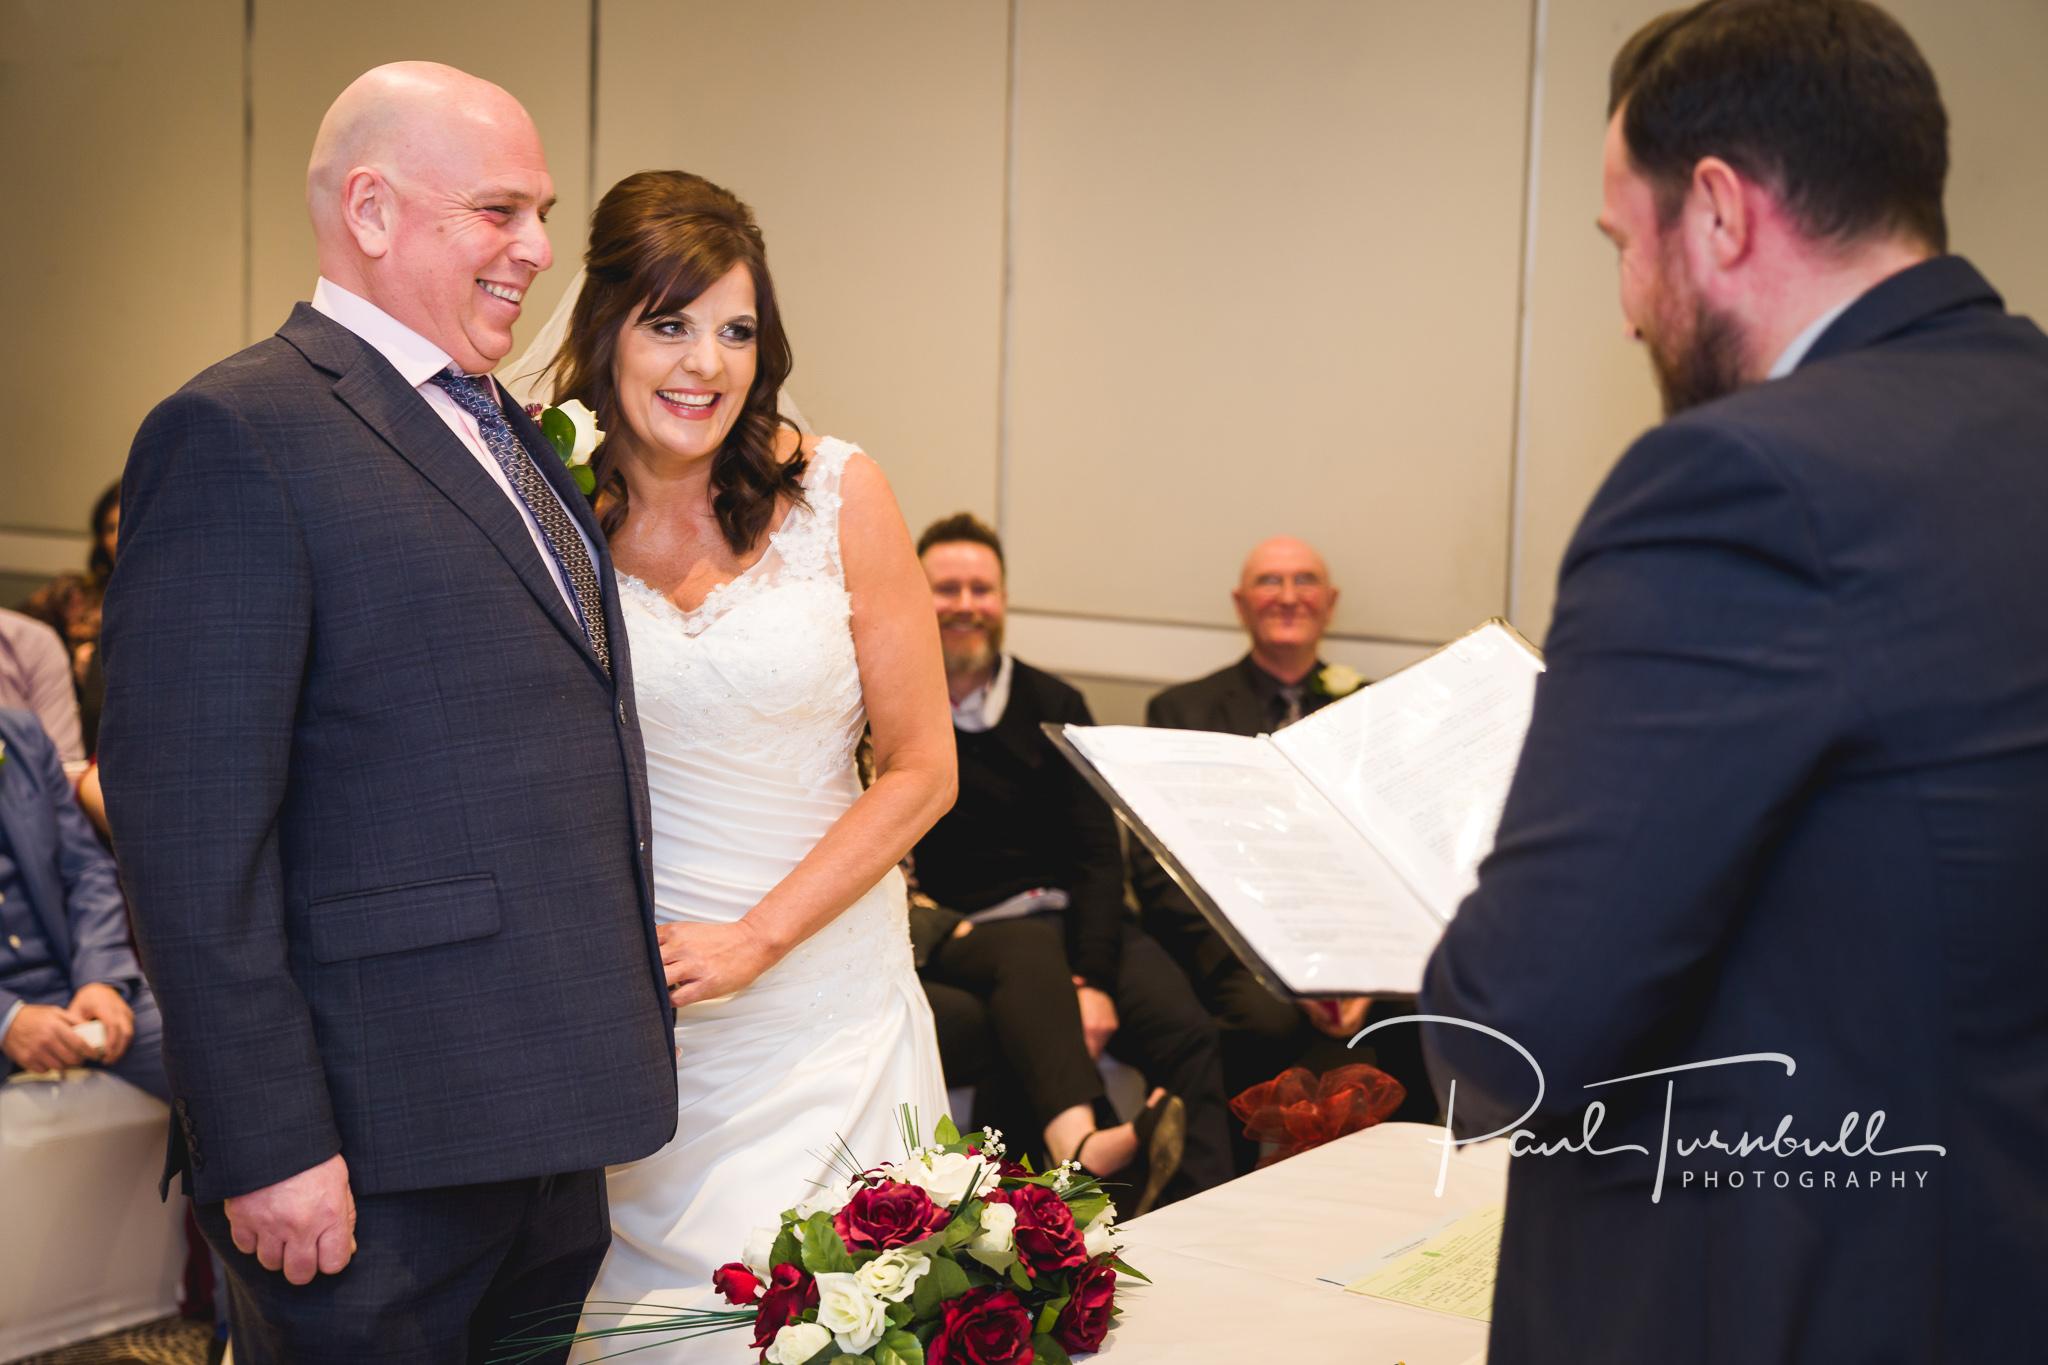 wedding-photographer-leeds-holiday-inn-garforth-029.jpg